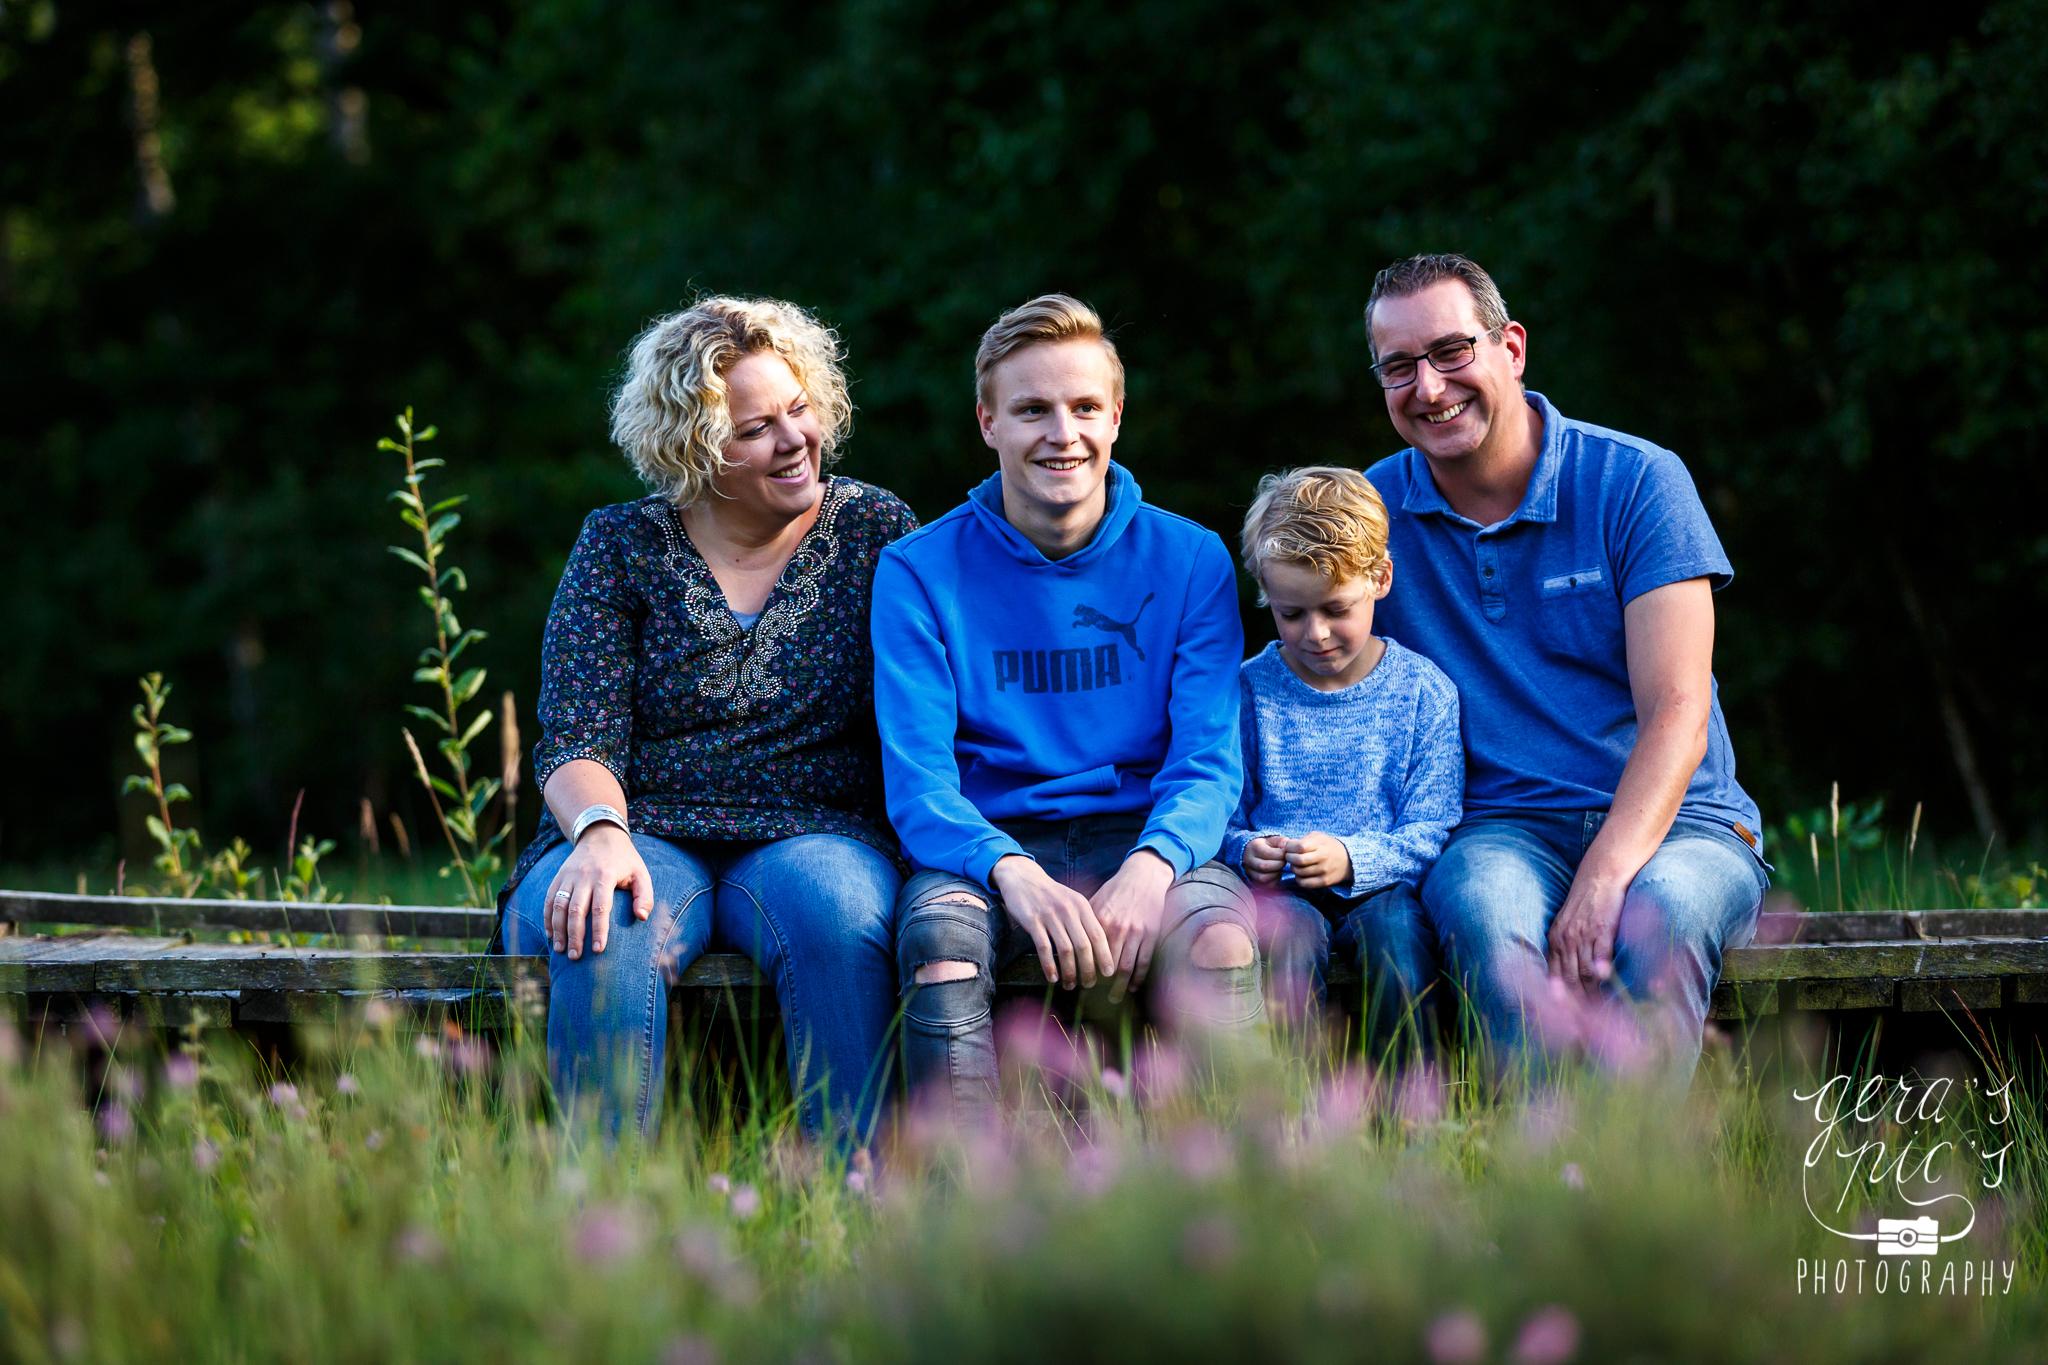 Familyshoot Brunssum Limburg Gera's Pic's Photography-1